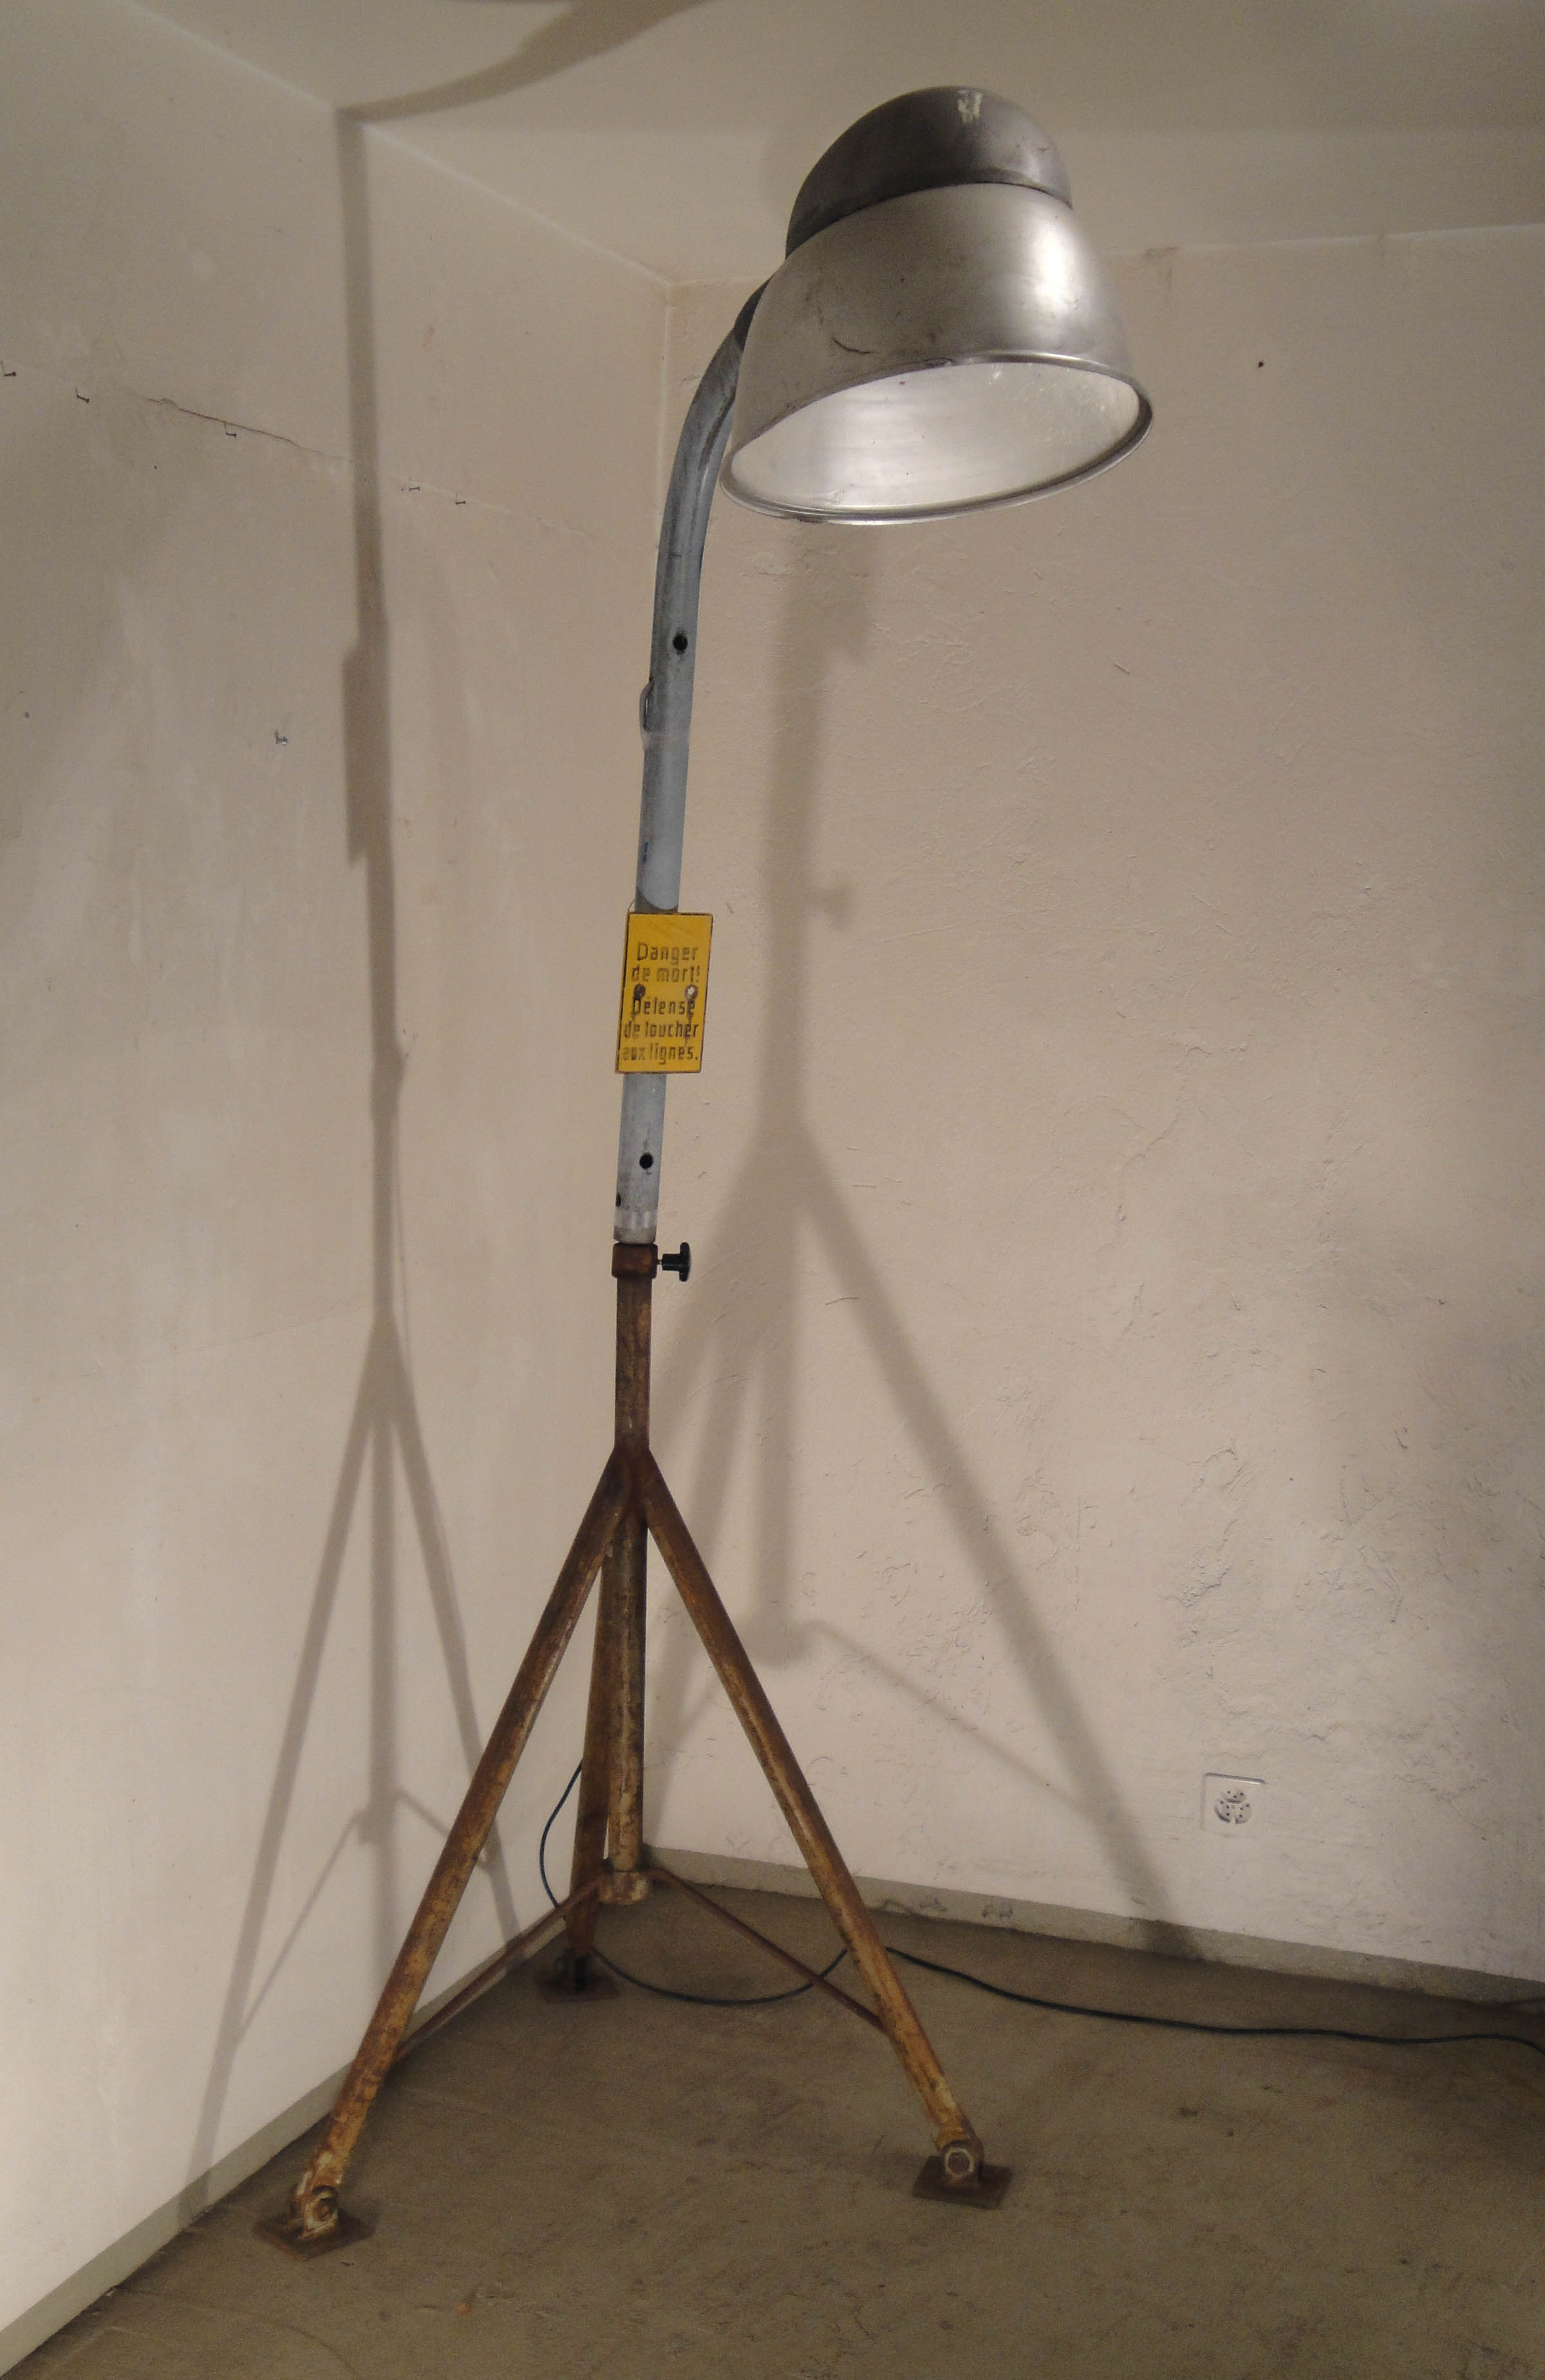 Fabriquer Une Lampe Style Industriel les projets de design récup, le design récup, c'est l